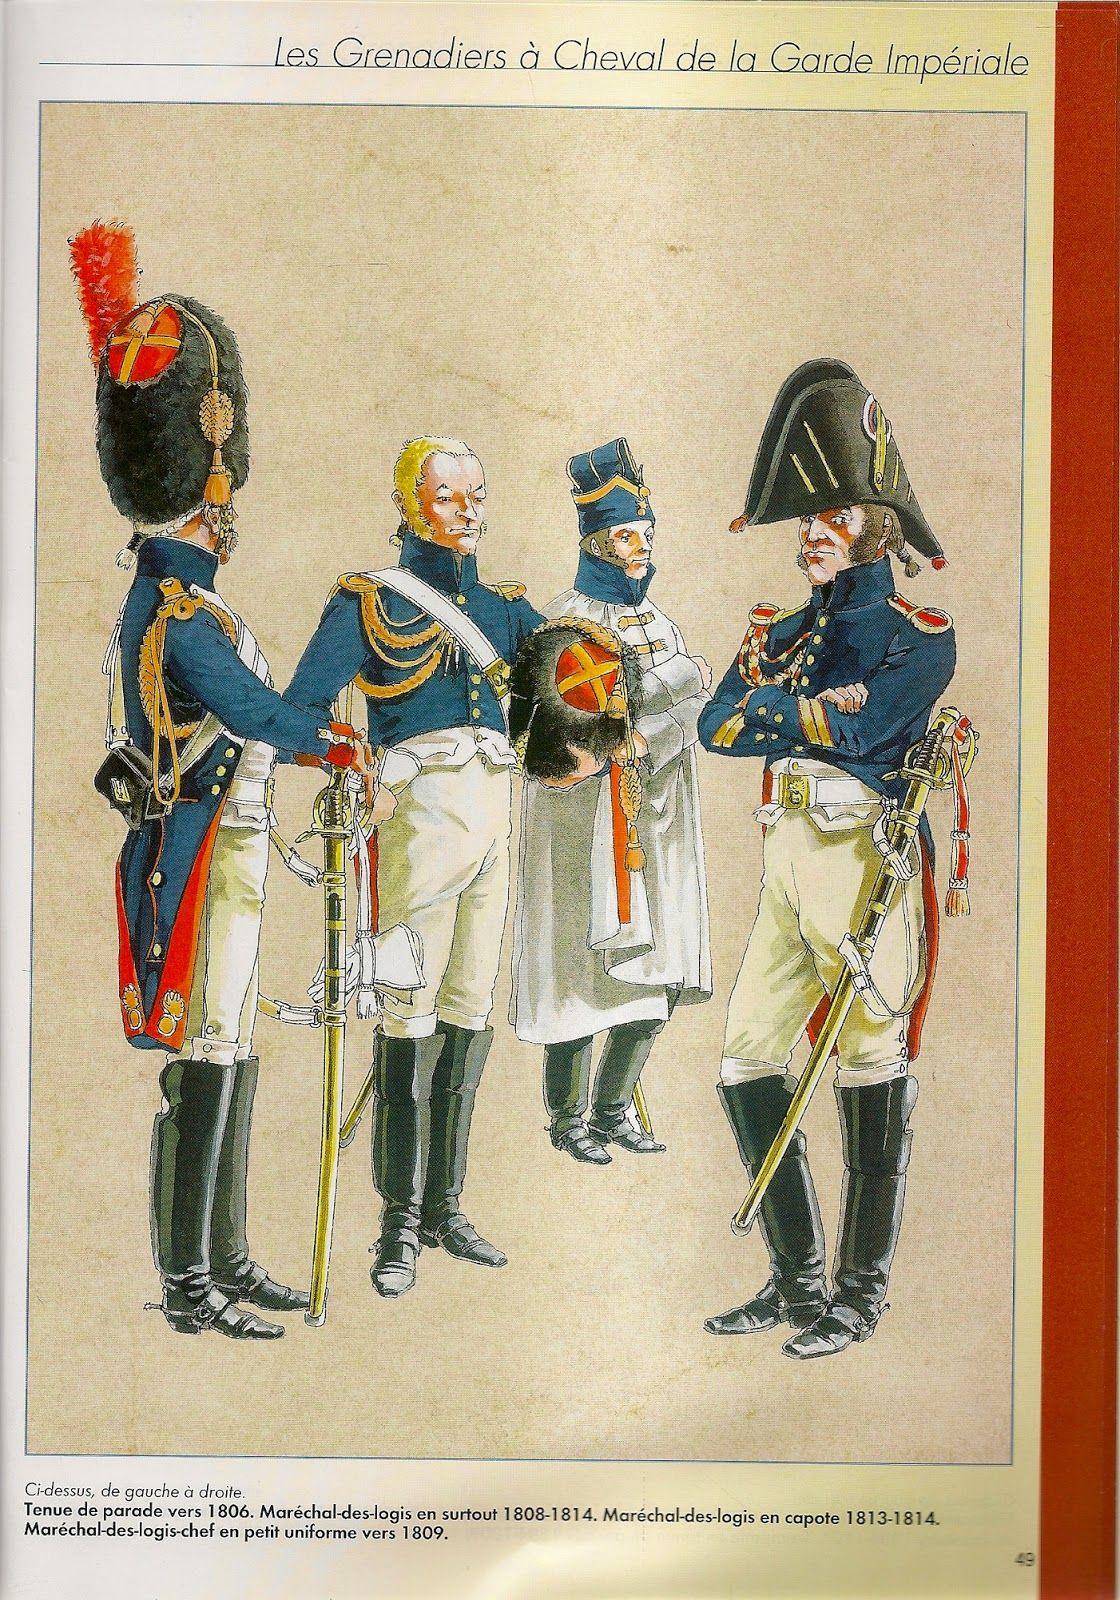 MINIATURAS MILITARES POR ALFONS CÀNOVAS: LES GRENADIERS A CHEVAL ( 1804-1815) DE LA GARDE IMPERIAL.por Mchel PETARD.